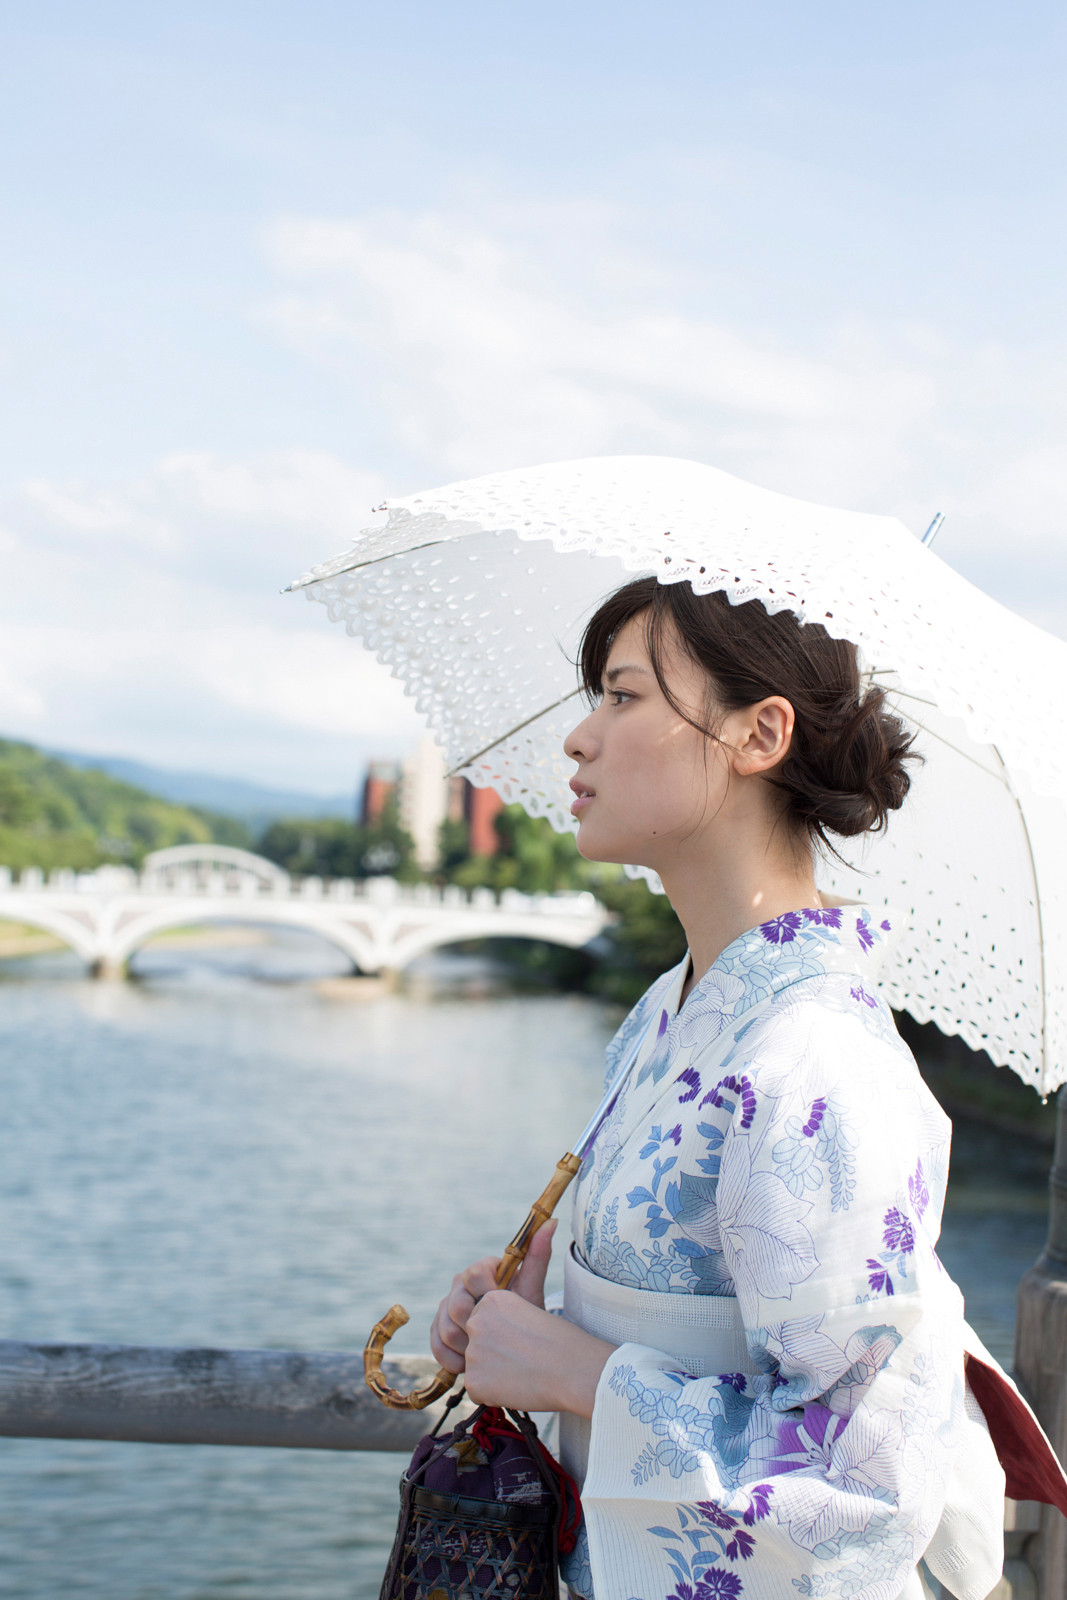 白地に紫のお花の浴衣 白のレースの傘 矢島舞美 橋の上 1 2020 済み